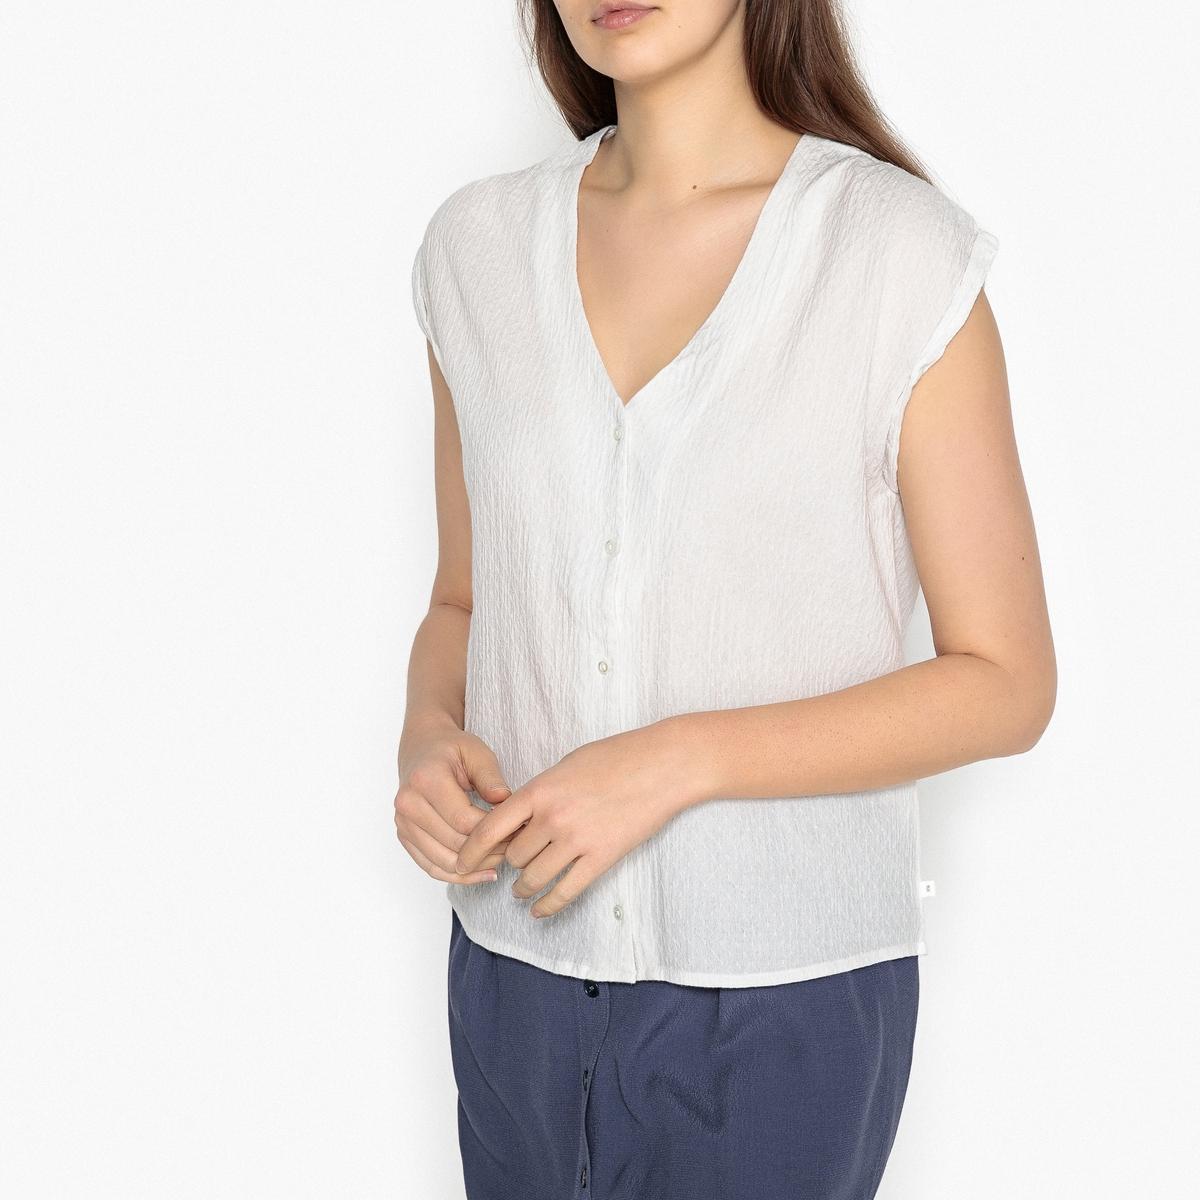 Блузка из тонкого хлопкового крепа LIBERAОписание:Блузка из хлопкового крепа HARRIS WILSON - модель LIBERA. Ткань придает блузке естественно воздушный внешний вид. V-образный вырез, короткие рукава с отворотамиДетали •  Короткие рукава •  Прямой покрой •  Рубашечный воротник-полоСостав и уход •  65% хлопка, 35% полиэстер •  Температура стирки при 30° на деликатном режиме<br><br>Цвет: экрю